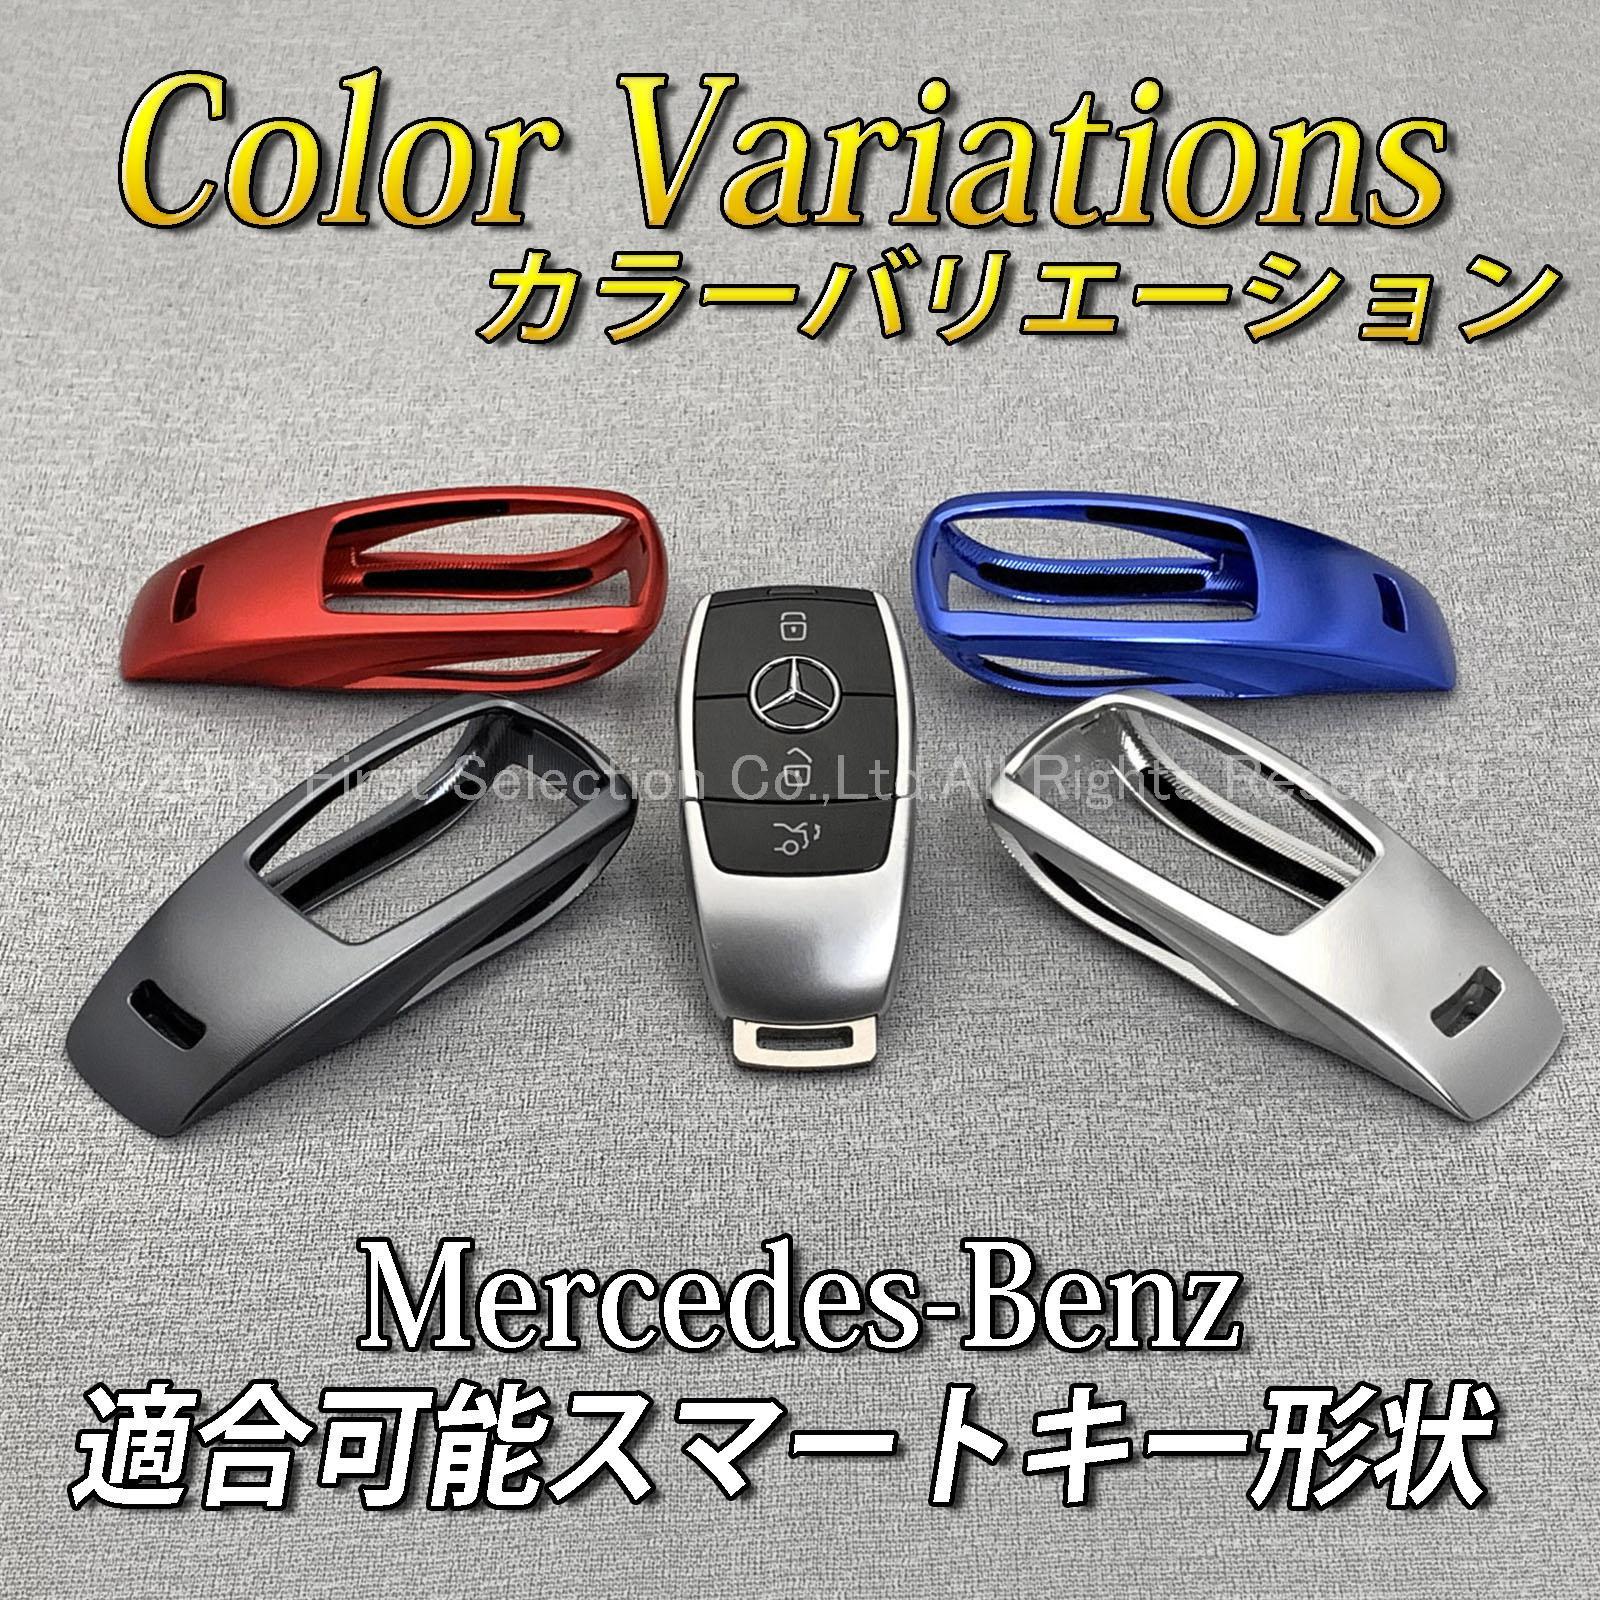 Mercedes-Benz ベンツ 新型スマートキー用 軽量金属製スマートキーカバー銀 W177 V177 W247 W205 W213 W222 C118 C257 H247 X247 X167